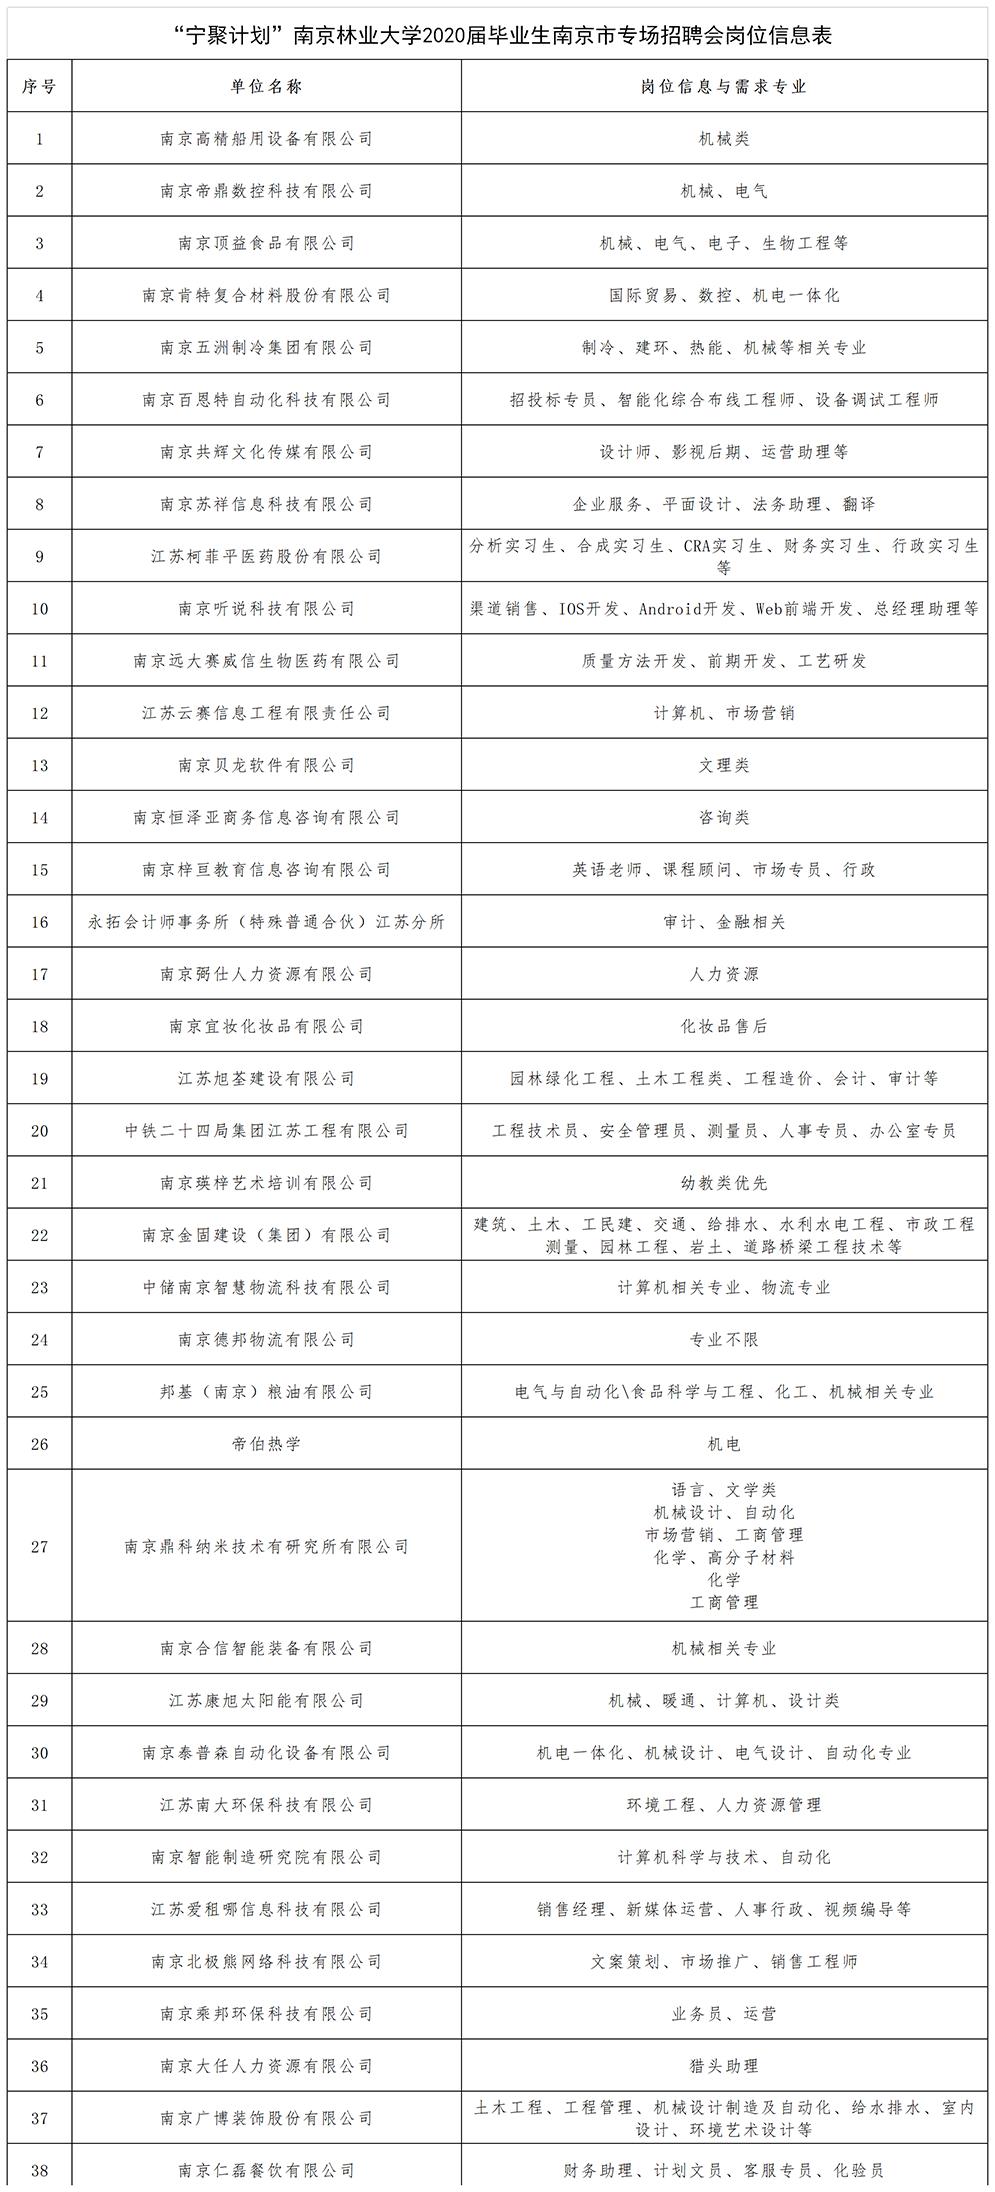 """""""宁聚计划""""南京林业大学2020届毕业生南京市专场招聘会单位6.14.png"""